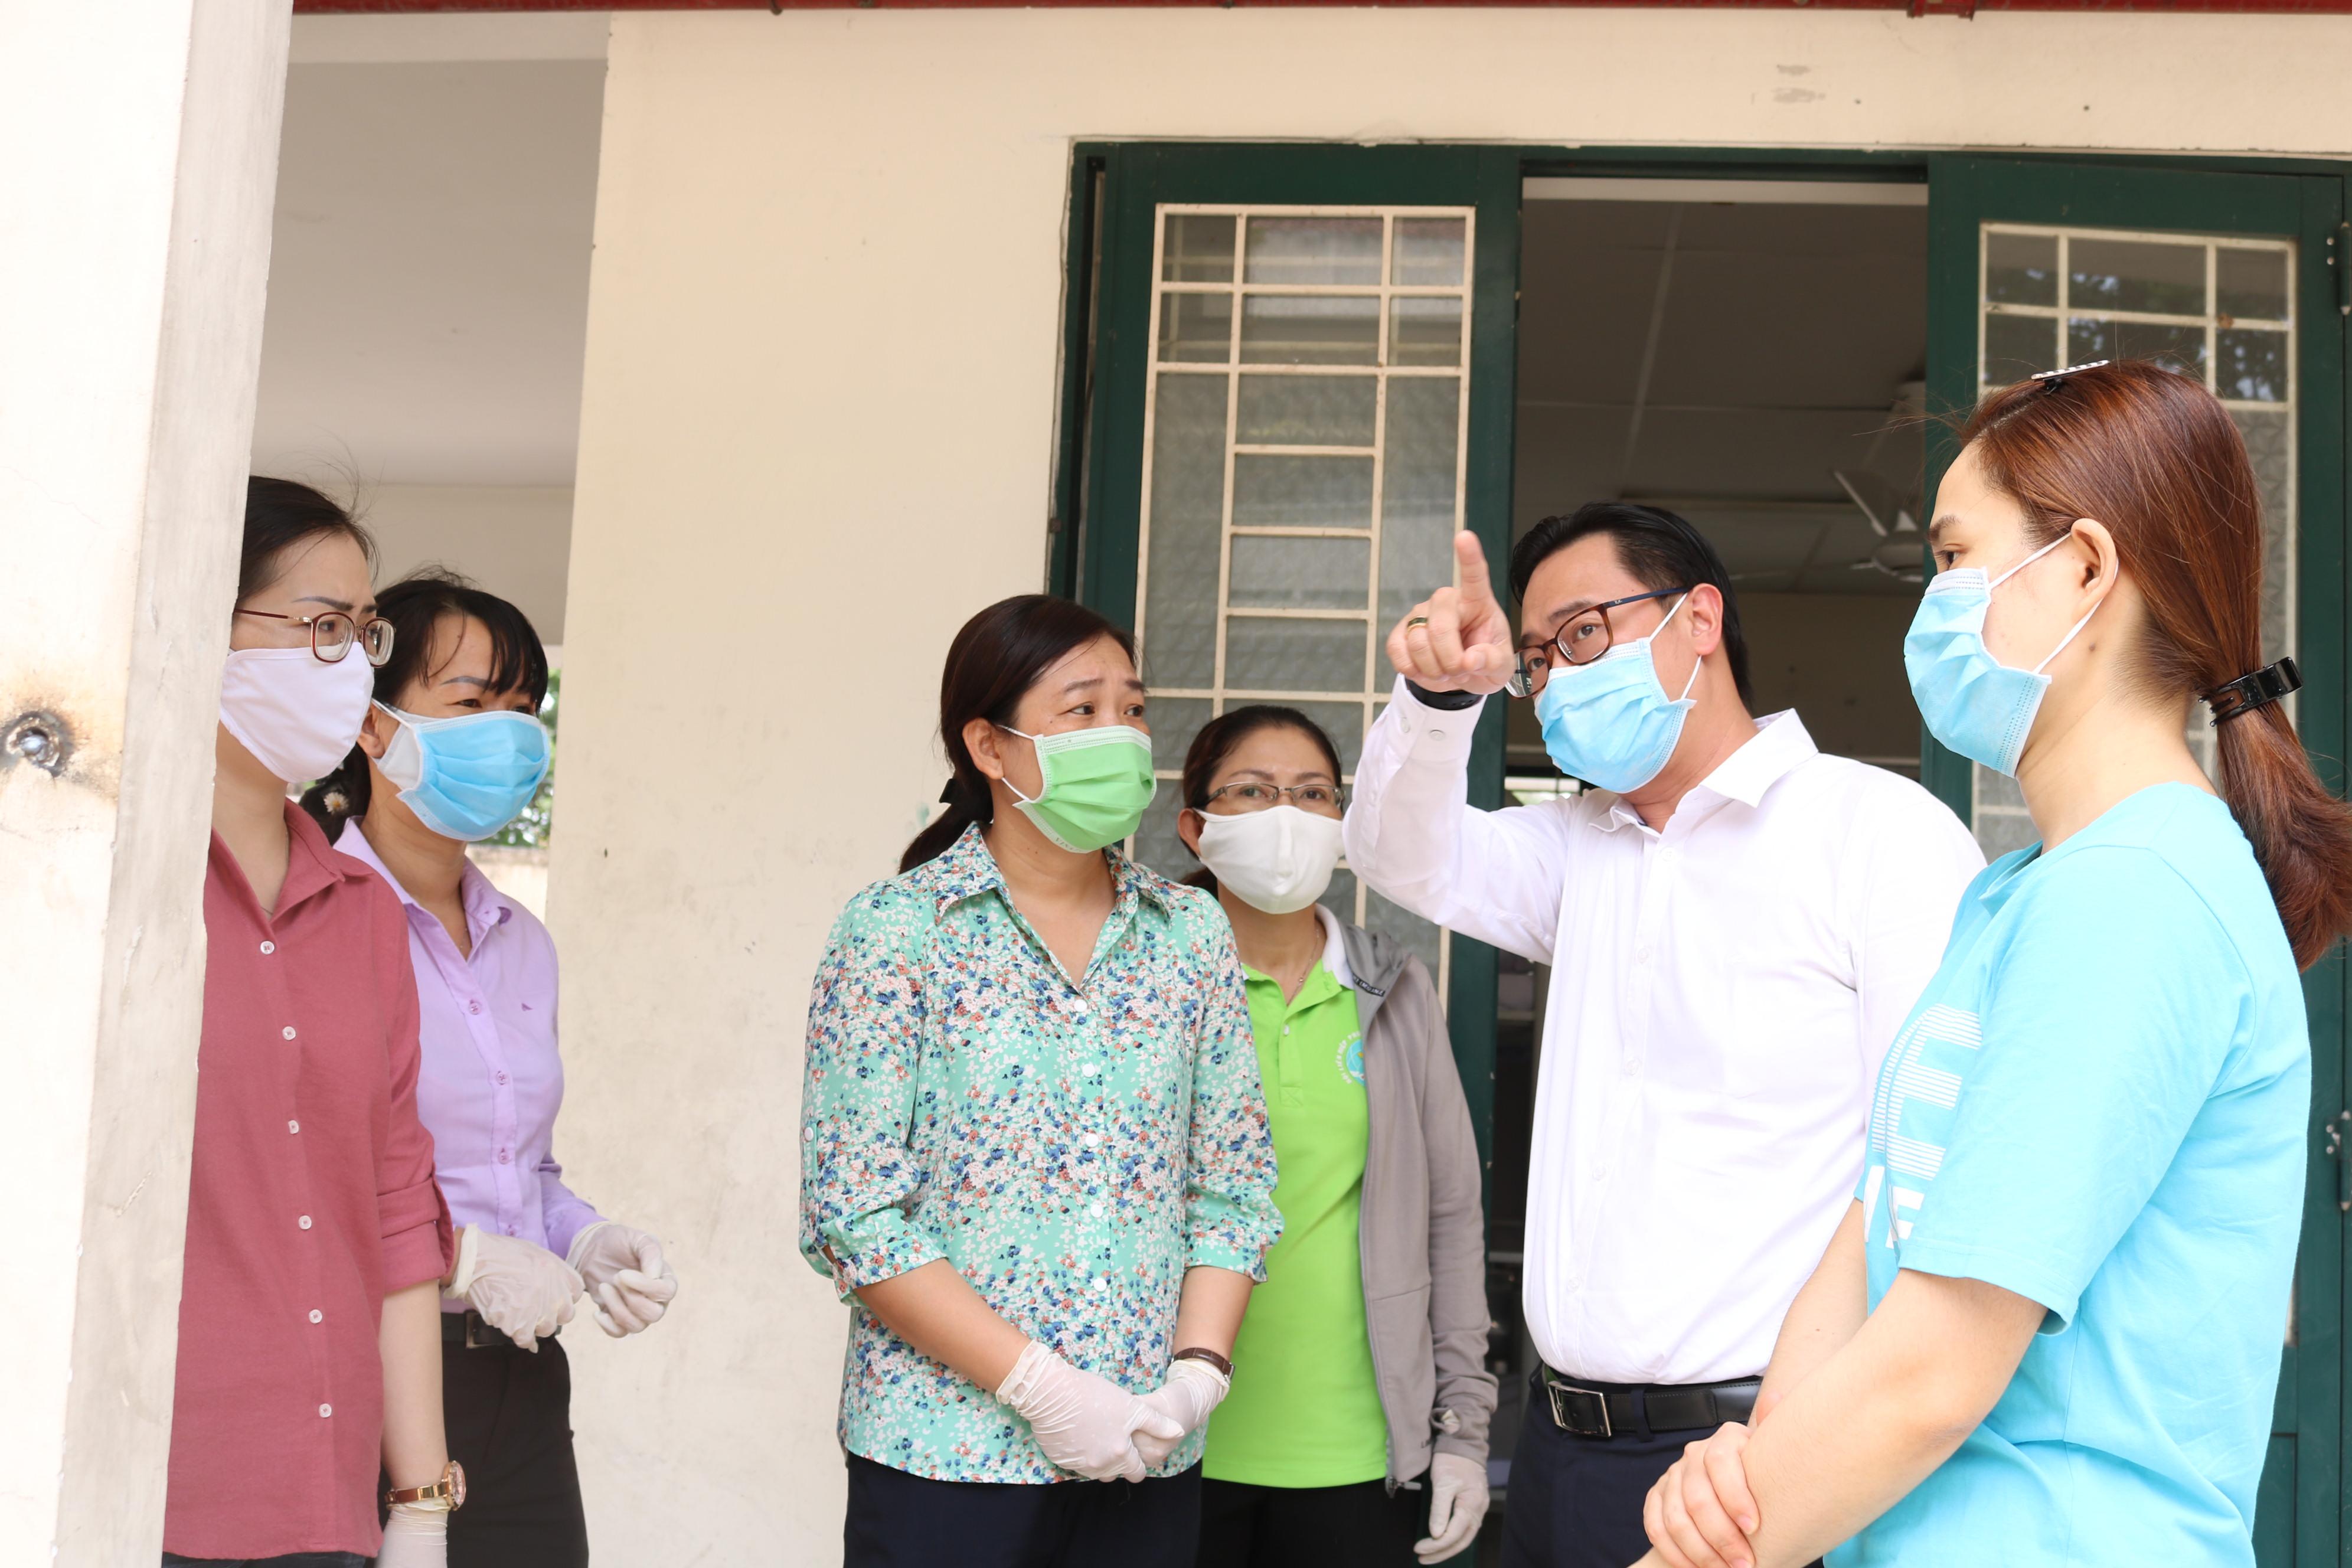 TS-BS Phạn Minh Hoàng - Phó giám đốc Bệnh viện QUận 2 - thông tin về hoạt động của Khu cách ly tập trung và bày tỏ niềm vui, cảm kích khi phụ nữ quận nhà dành nhiều sự quan tâm cho anh em ở tuyến đầu chống dịch COVID-19.